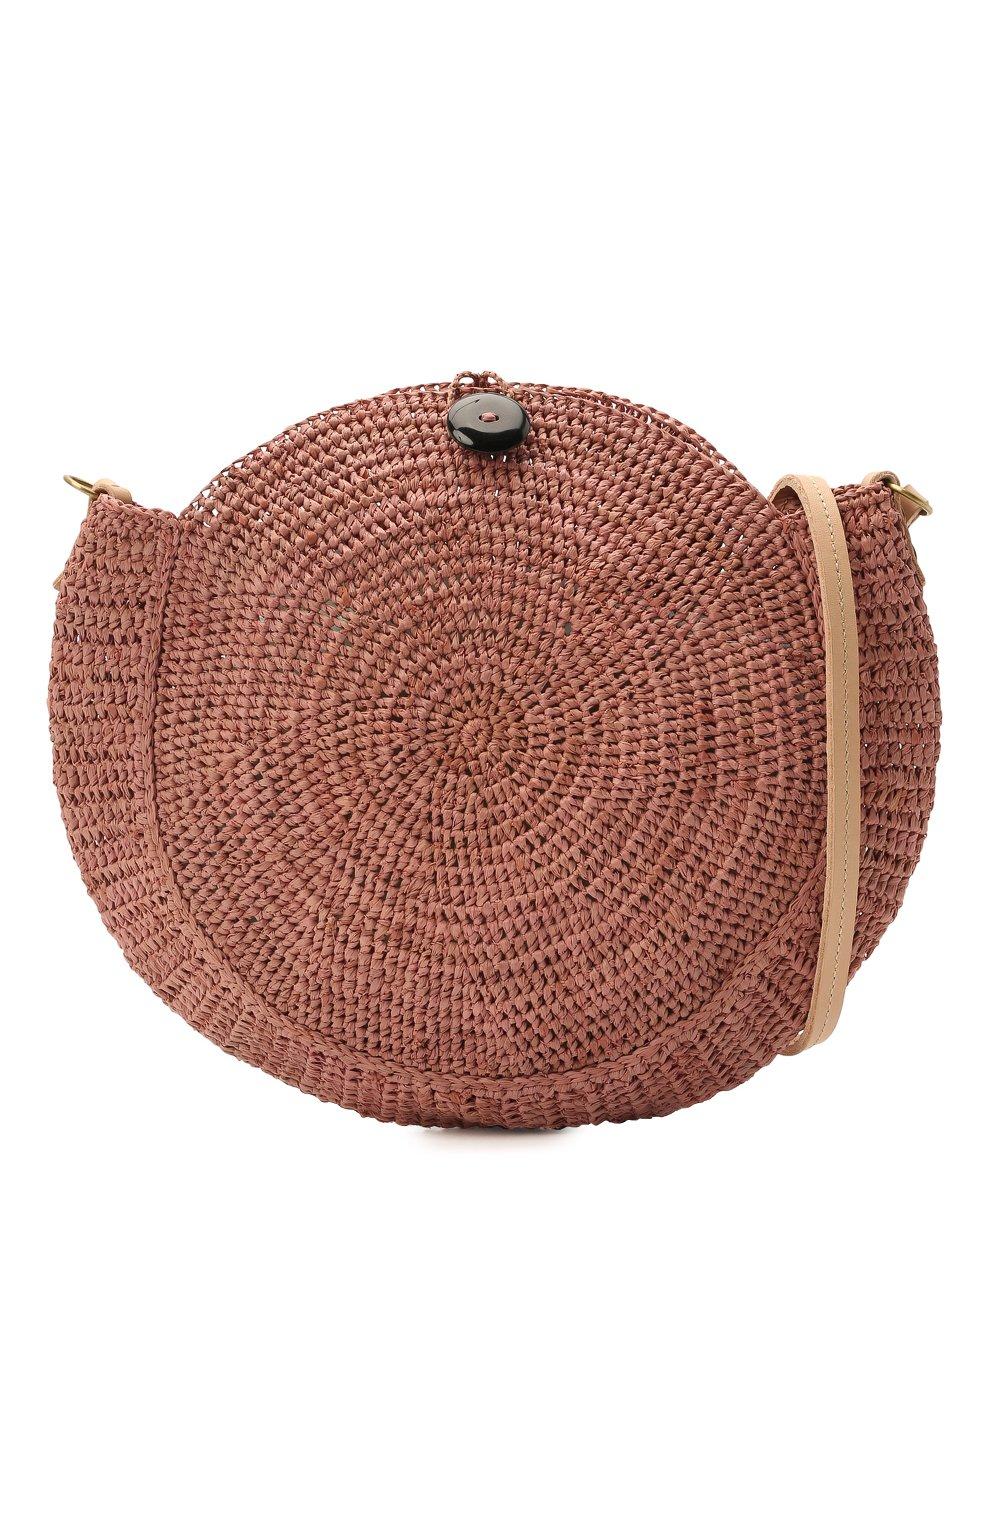 Женская сумка nova small SANS-ARCIDET коричневого цвета, арт. N0VA BAG MA-C S21/XS   Фото 5 (Сумки-технические: Сумки через плечо; Материал: Растительное волокно; Ремень/цепочка: На ремешке; Размер: small)